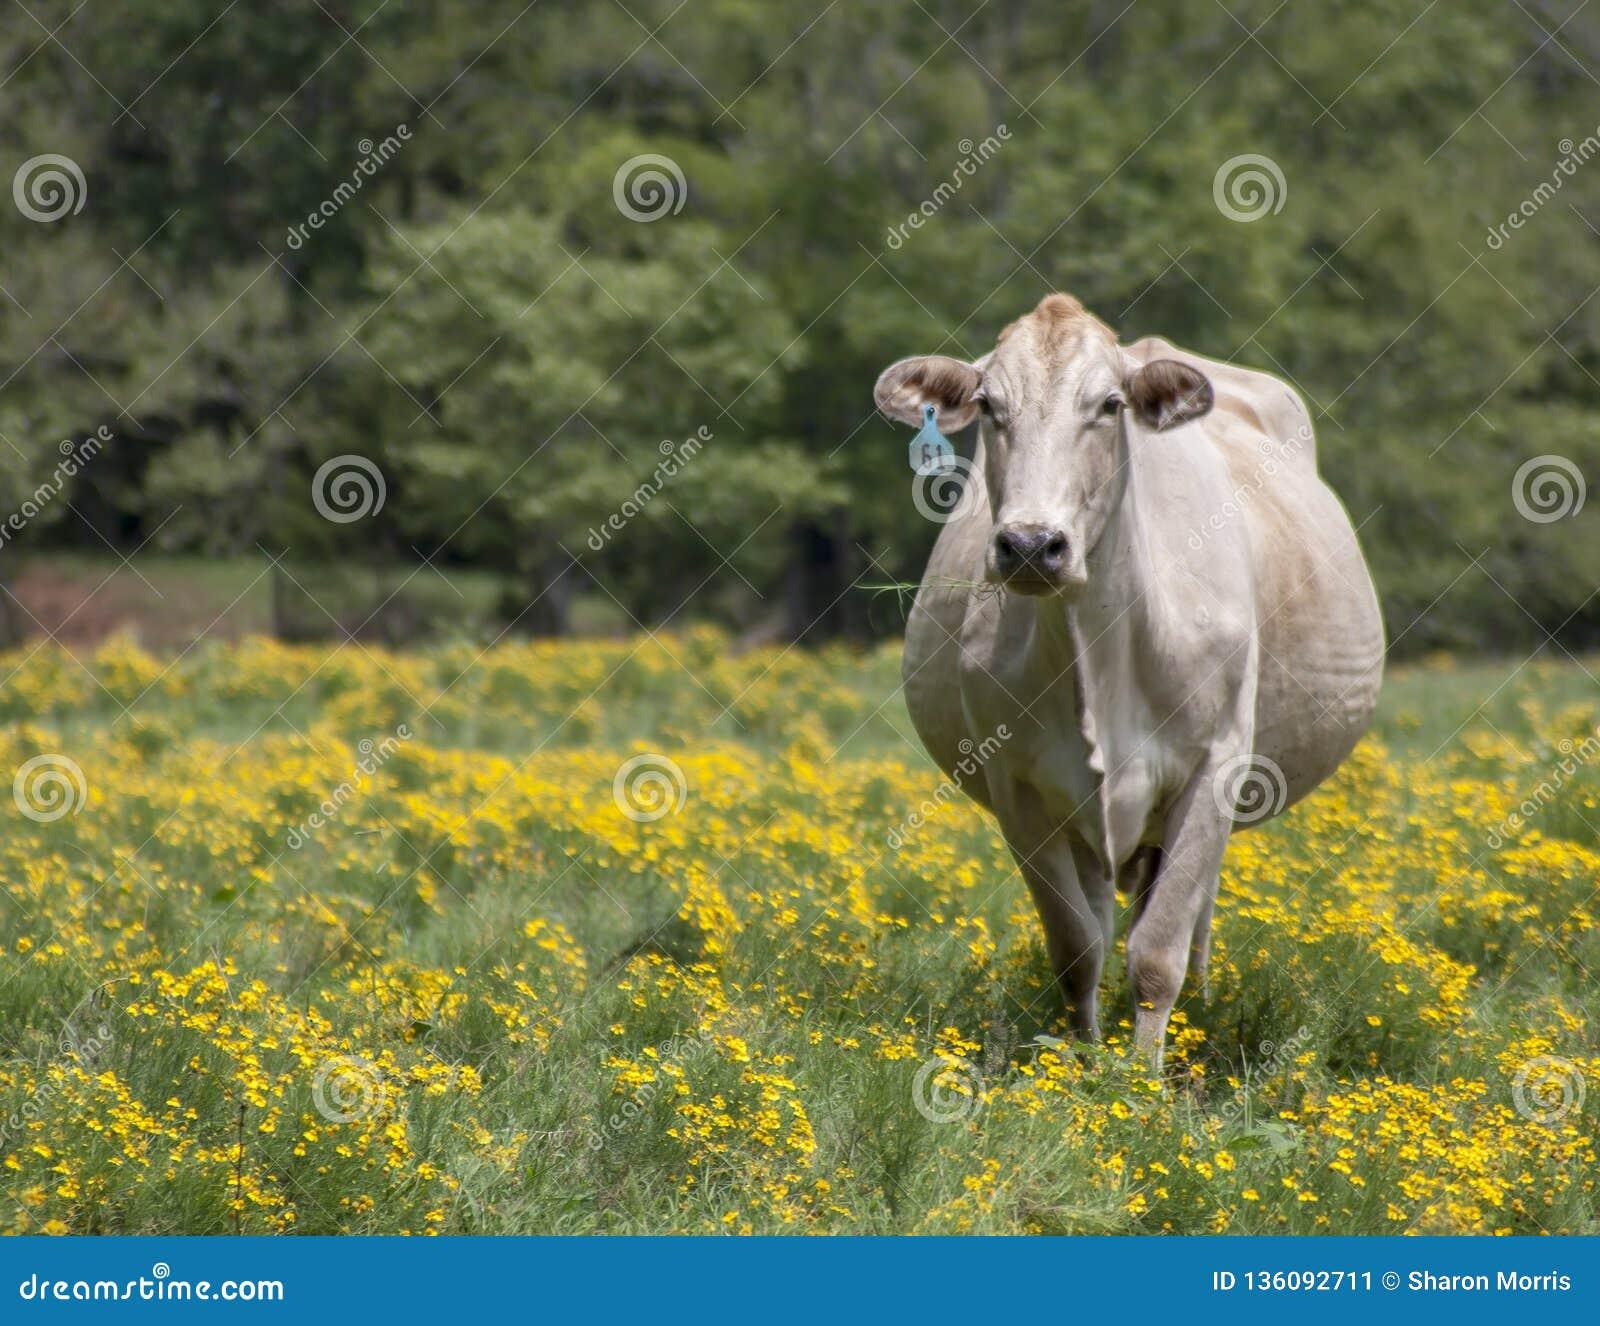 Situación de la vaca en flores amarillas